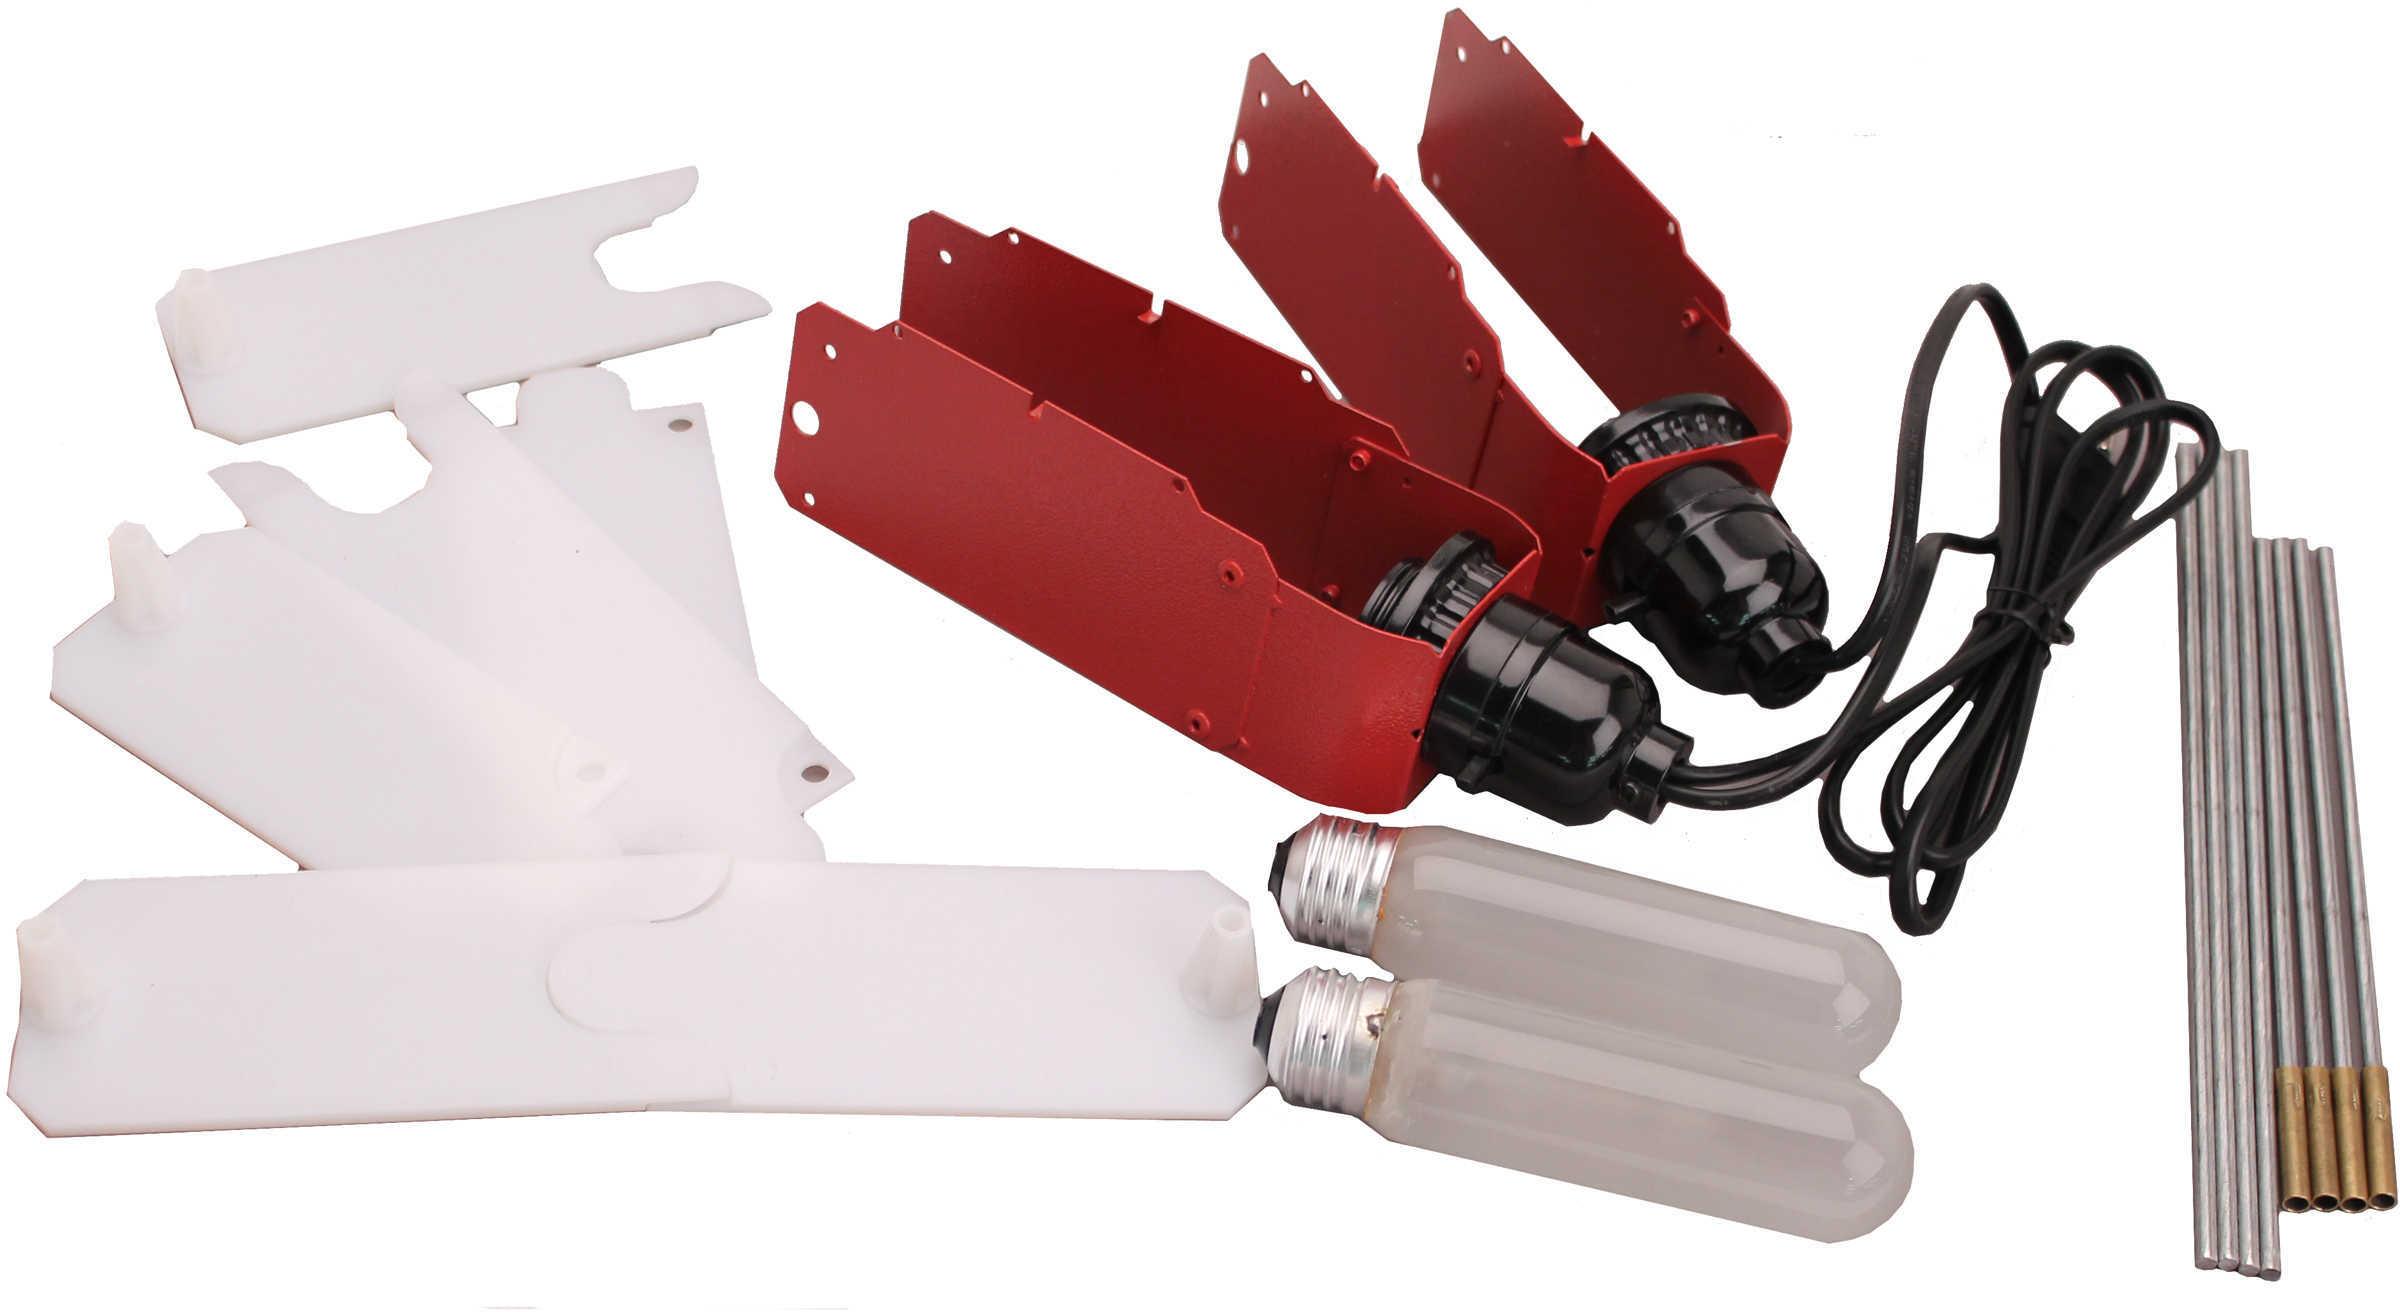 Chrony Indoor Shooting Light Fixture Md: Indoor Light